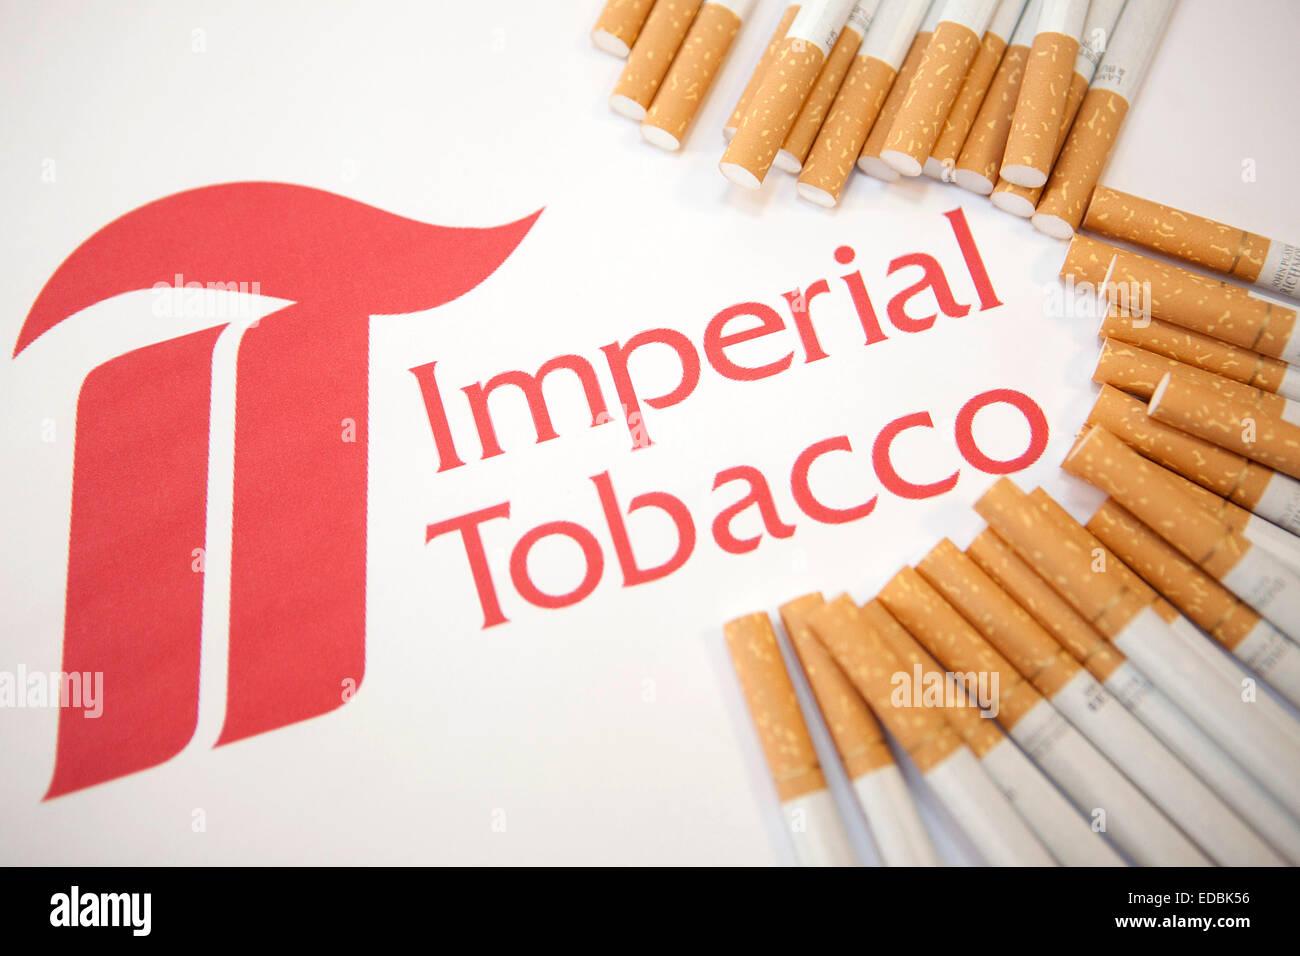 Imperial Tobacco logo and cigarettes Stock Photo  77088514 - Alamy 5f9c379f4de